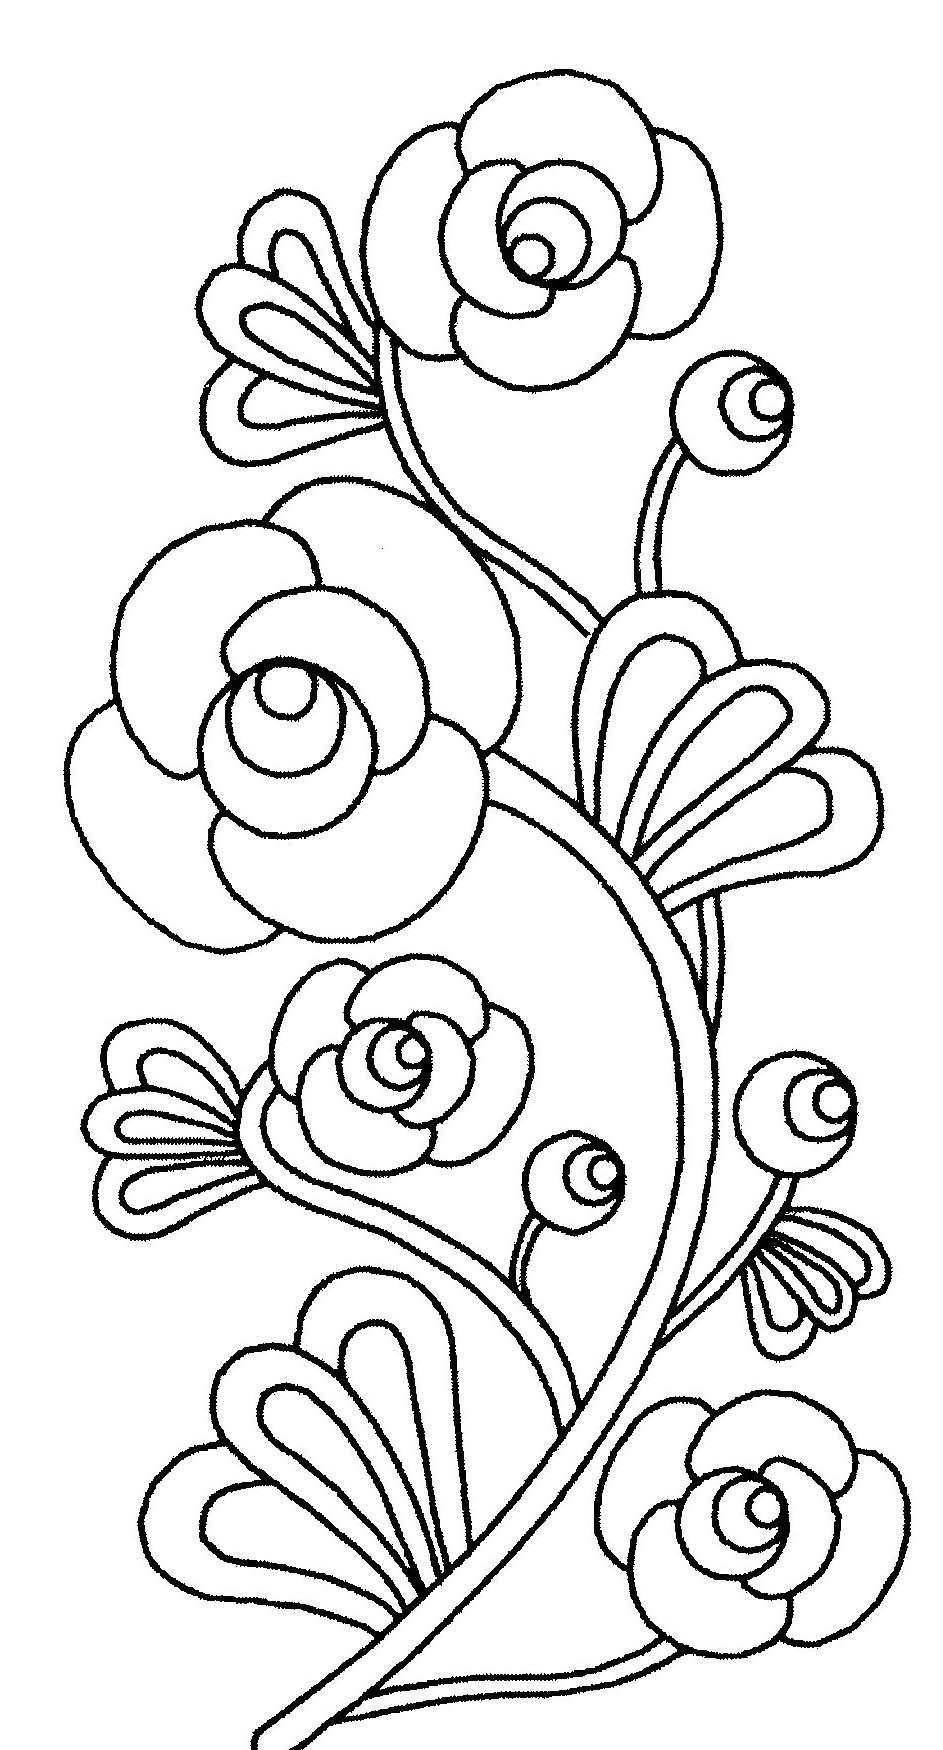 Dessin de fleurs à imprimer et colorier